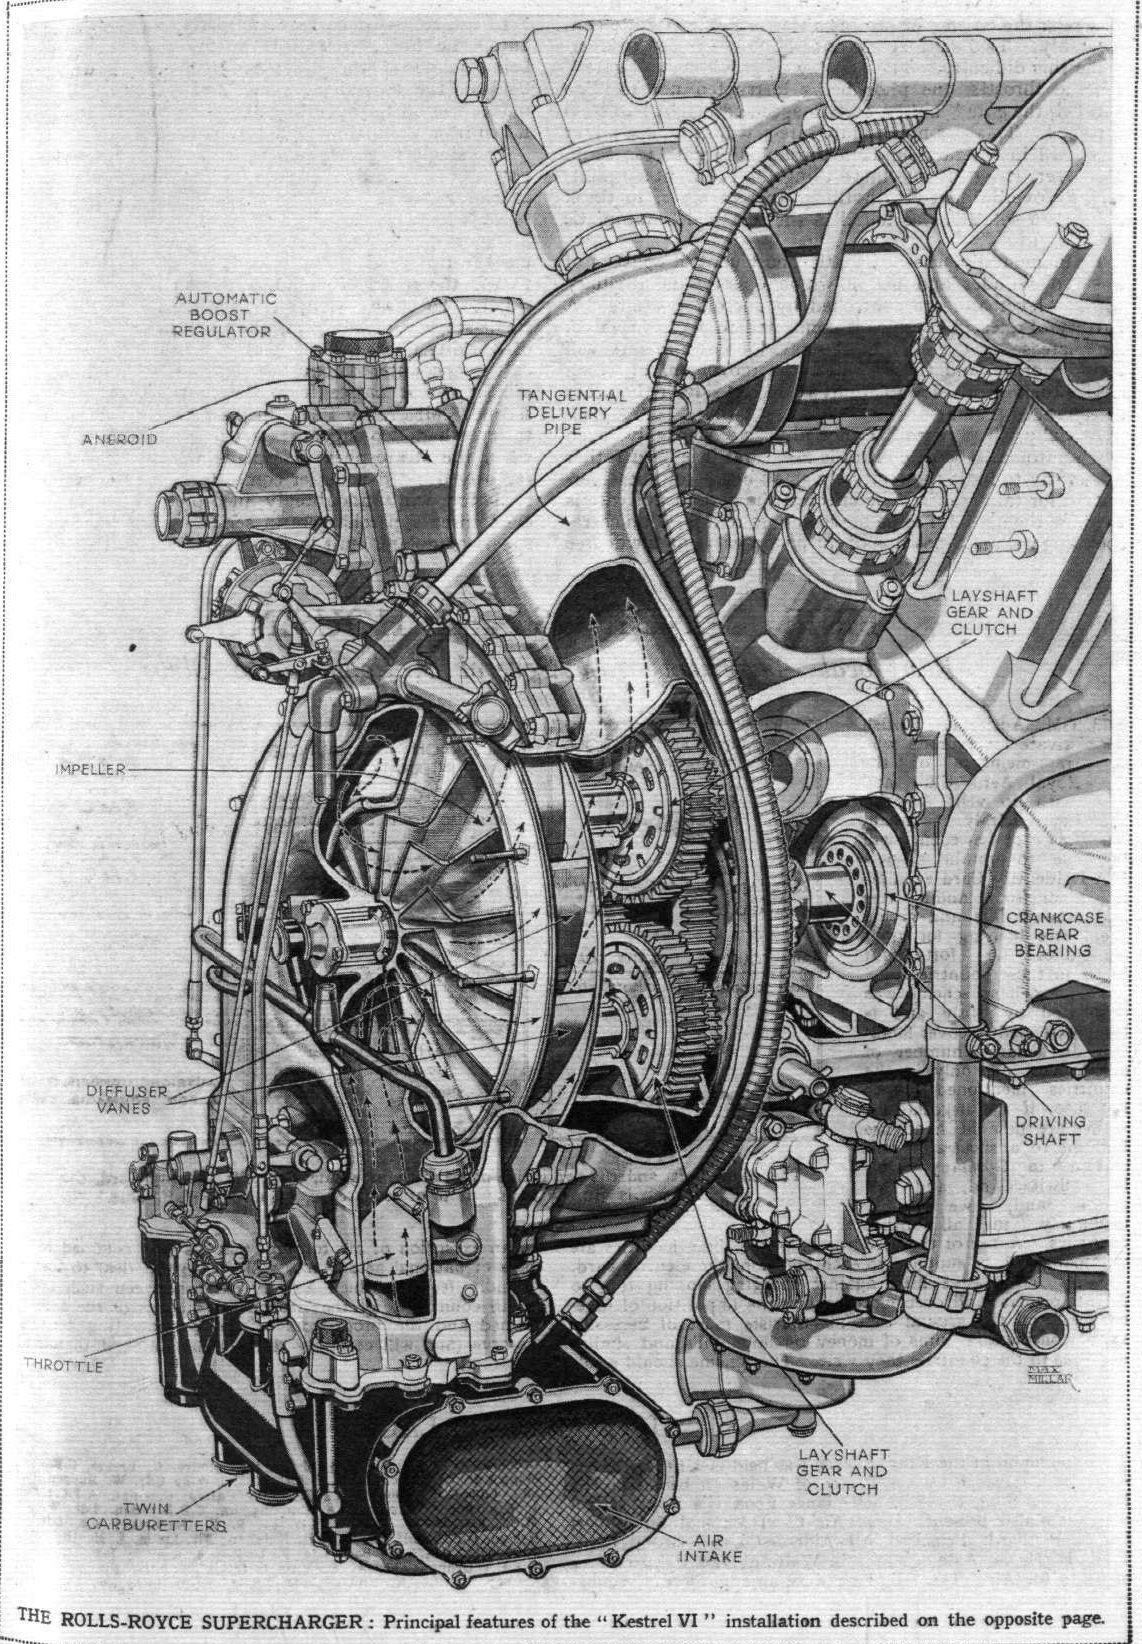 Pin By Rock Westfahl On Automotive History